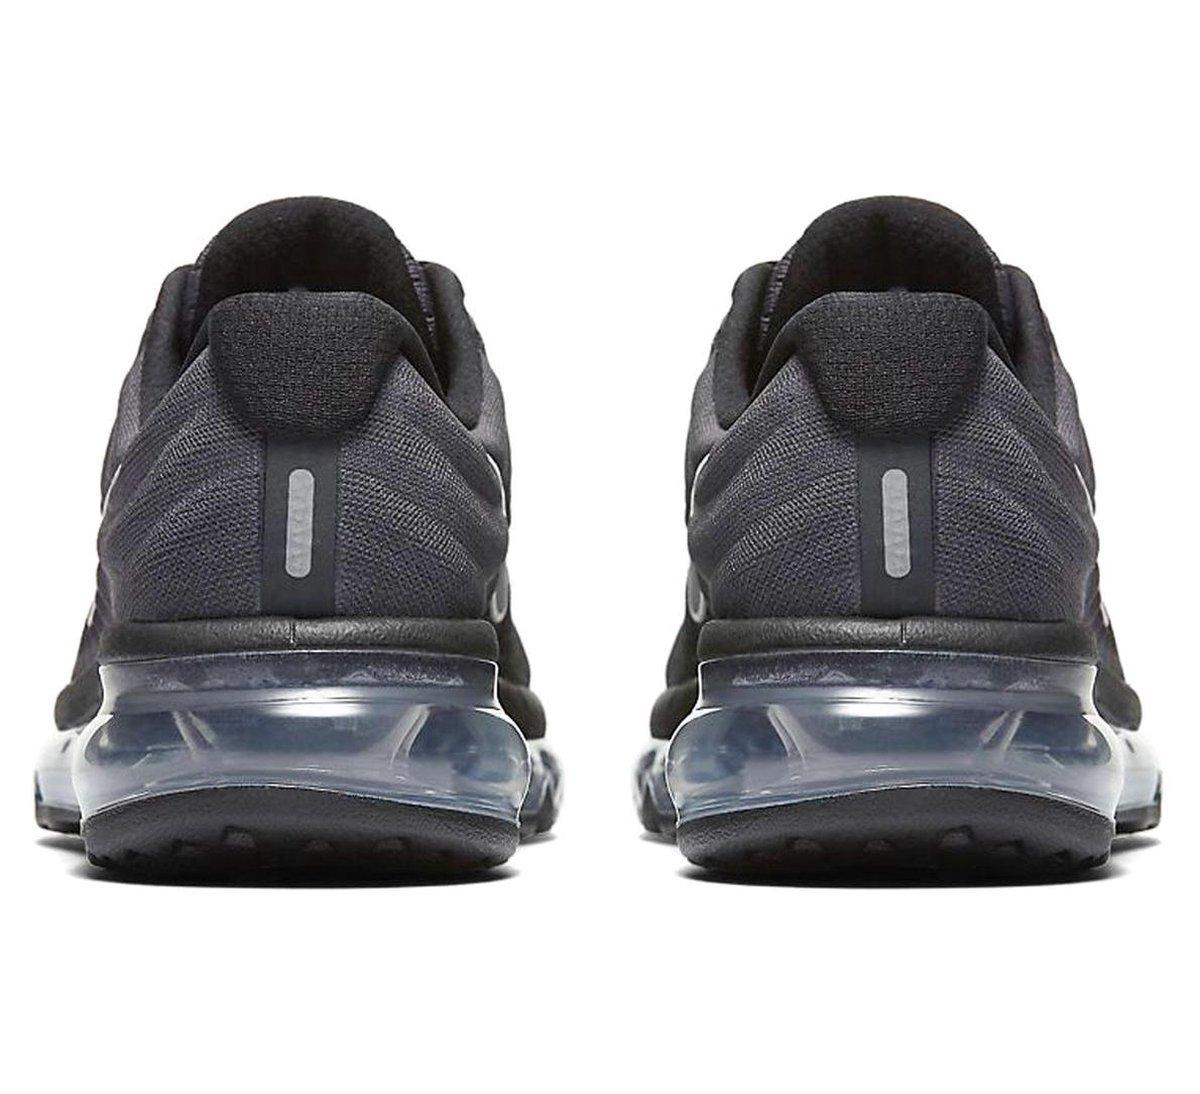 Nike Air Max 2017 GS 851622 001 size 38